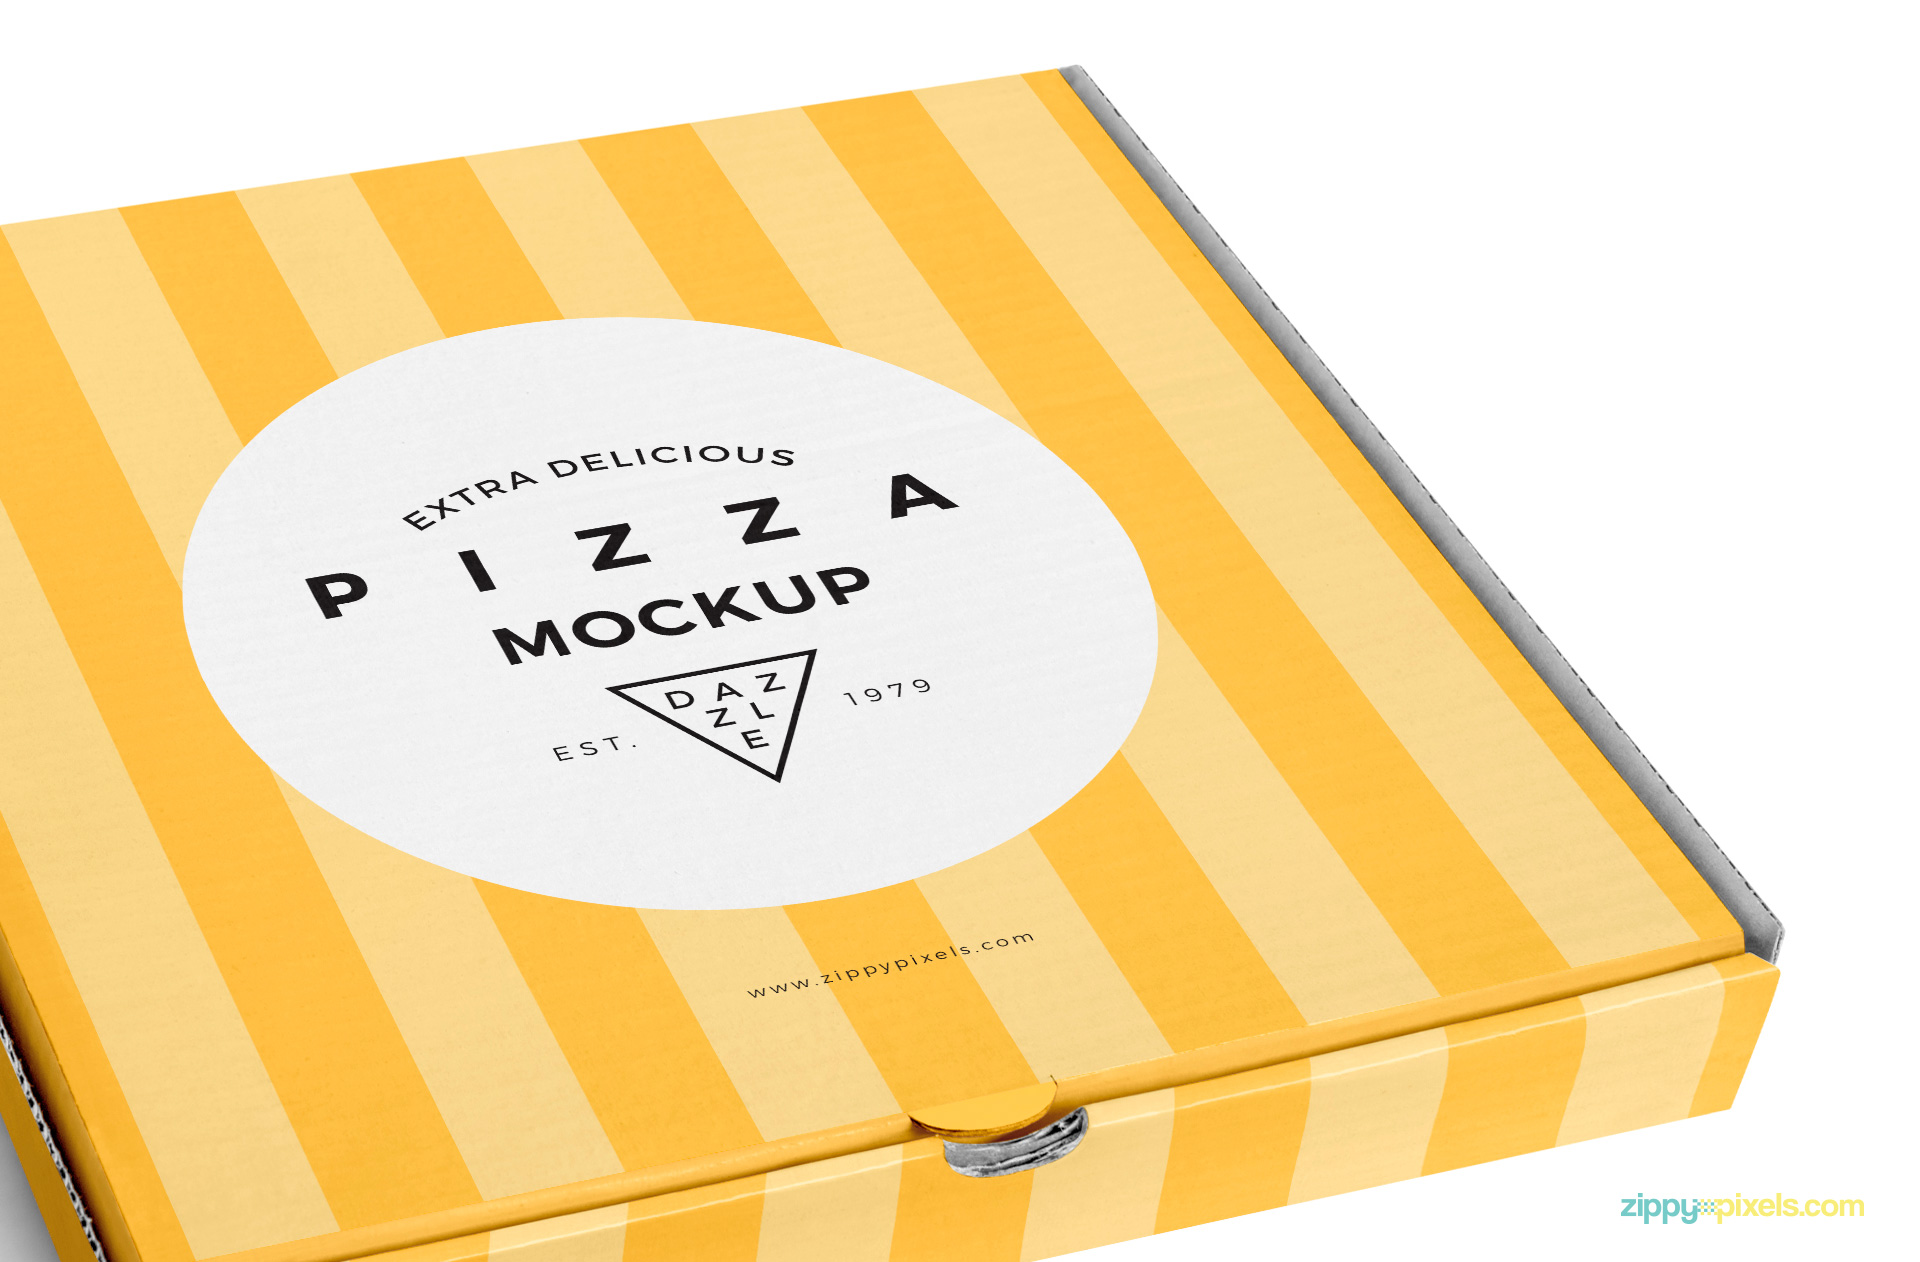 delicious pizza box mockup